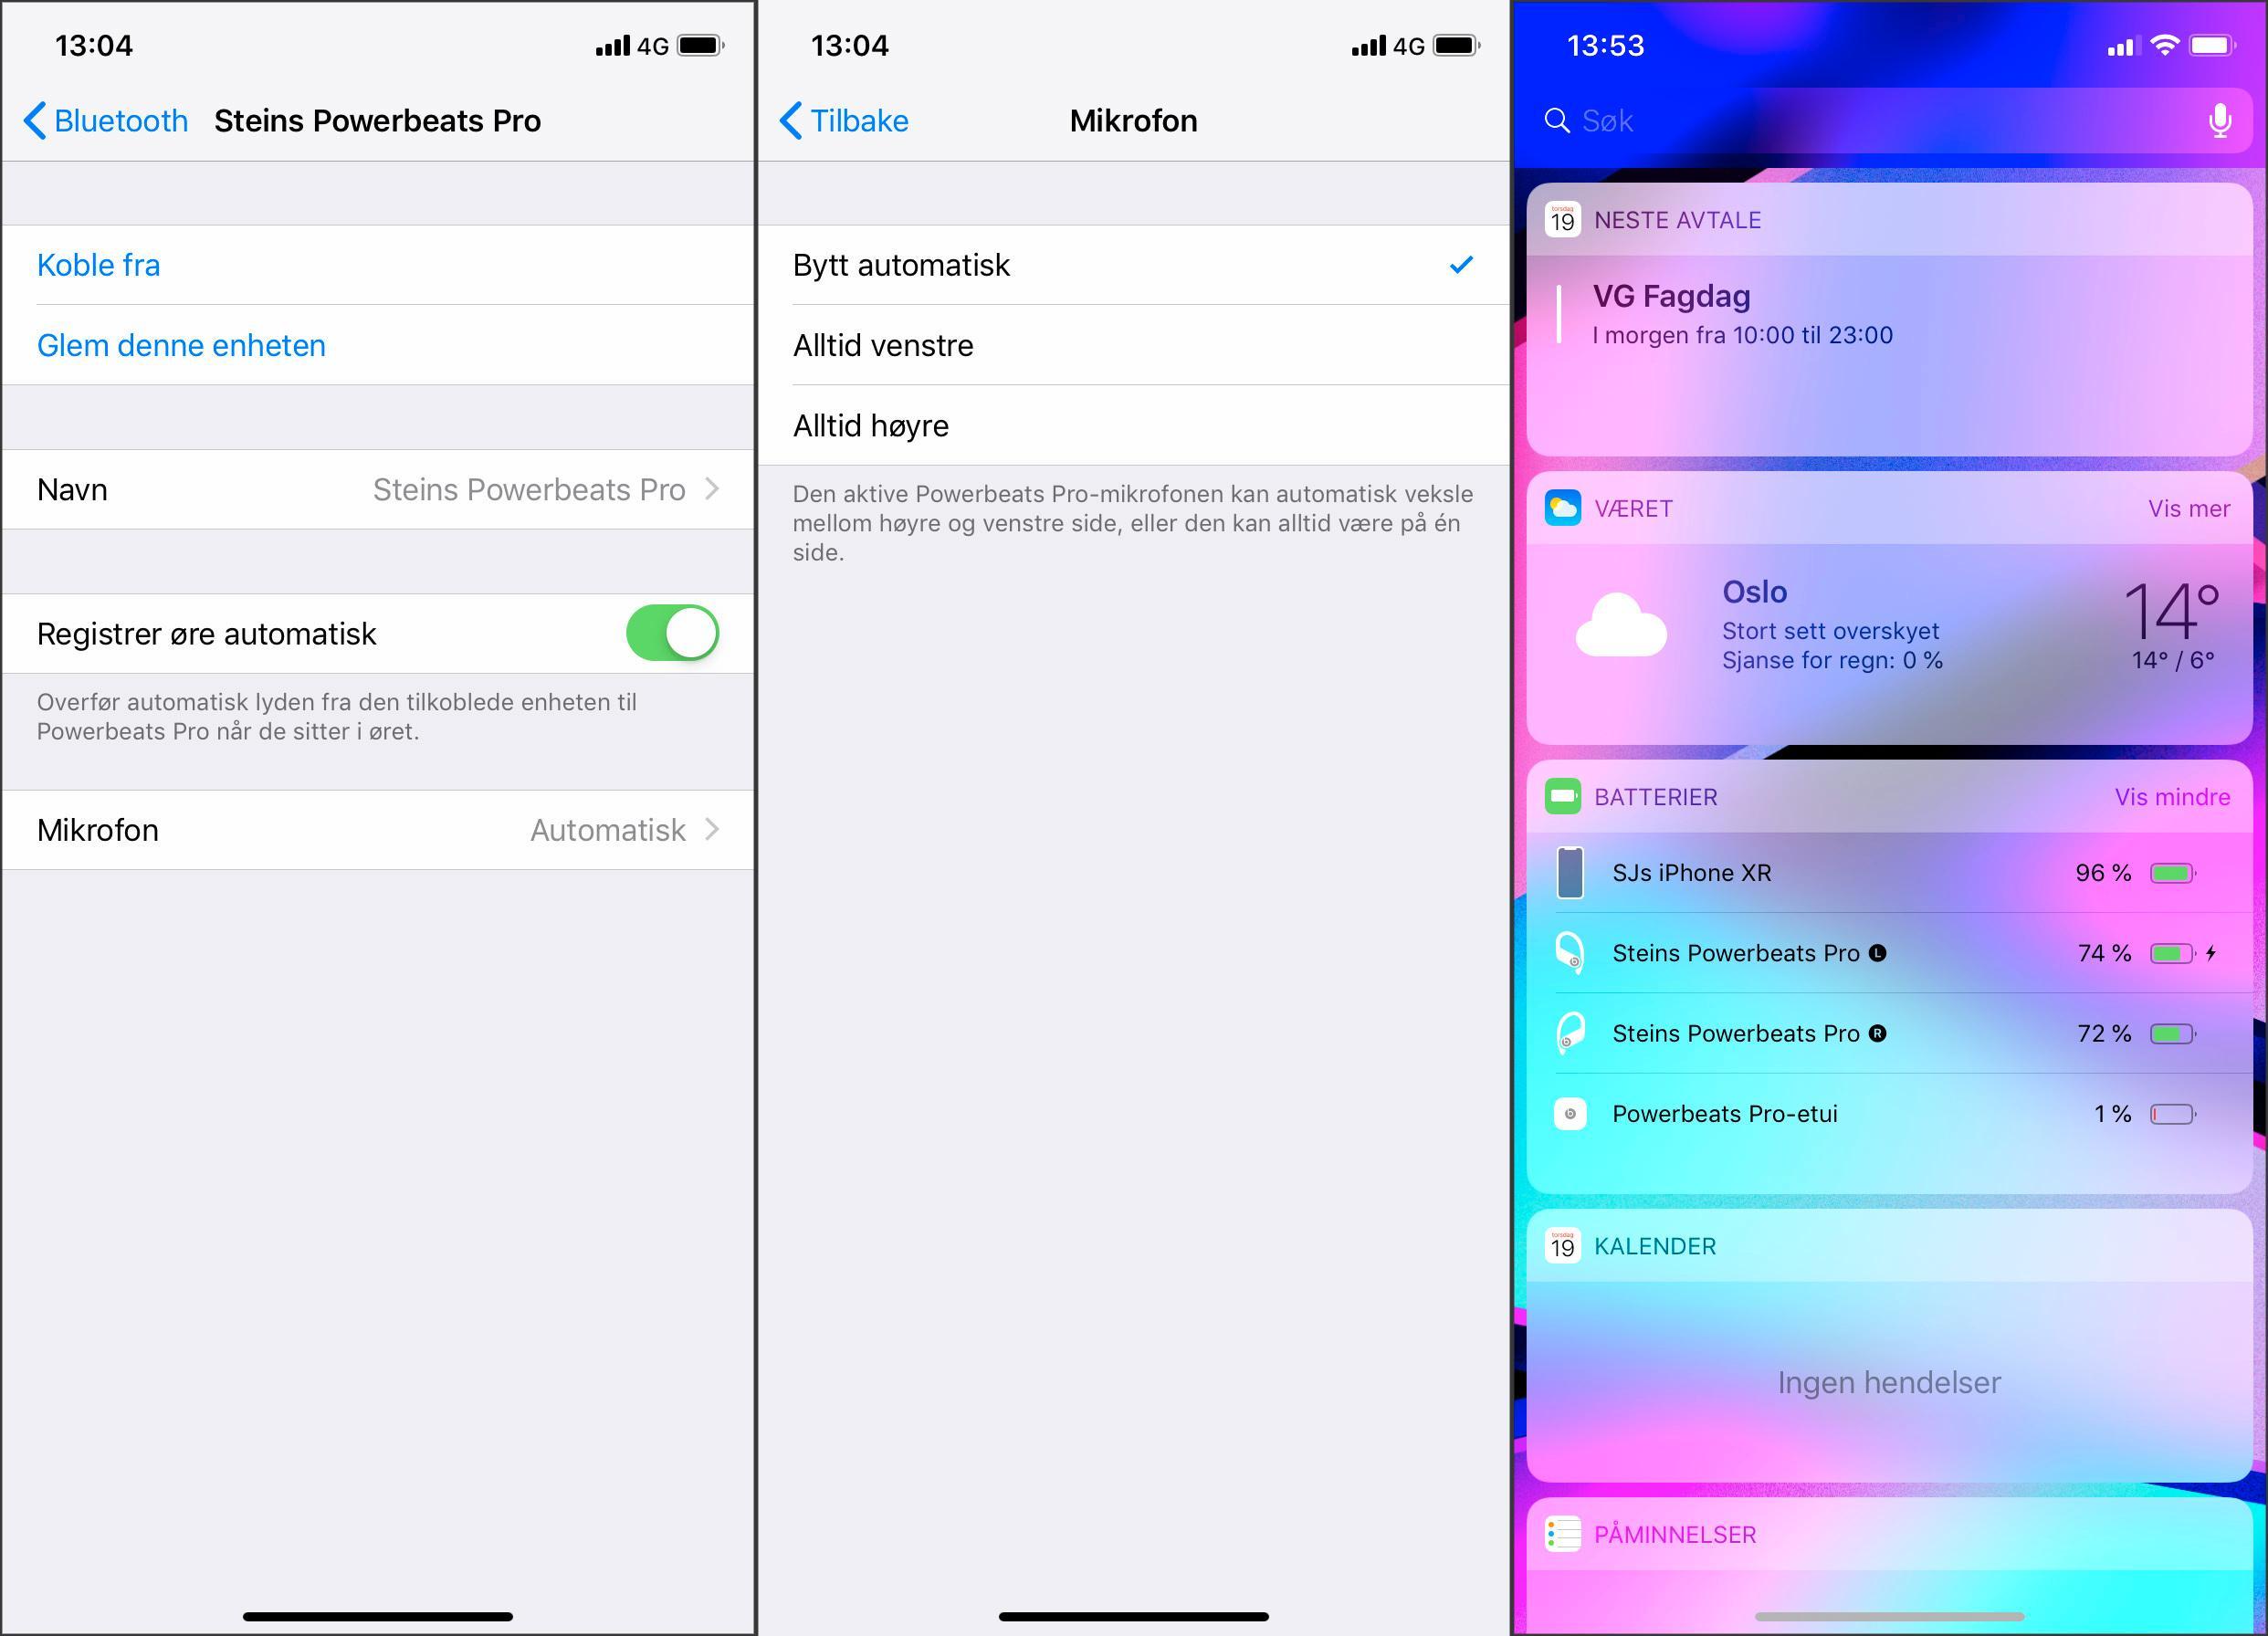 Innstillingsmulighetene for Beats-pluggene er magre. Batteritiden kan i alle fall sjekkes ved å holde etuiet åpent og i nærheten av iOS-enheten.